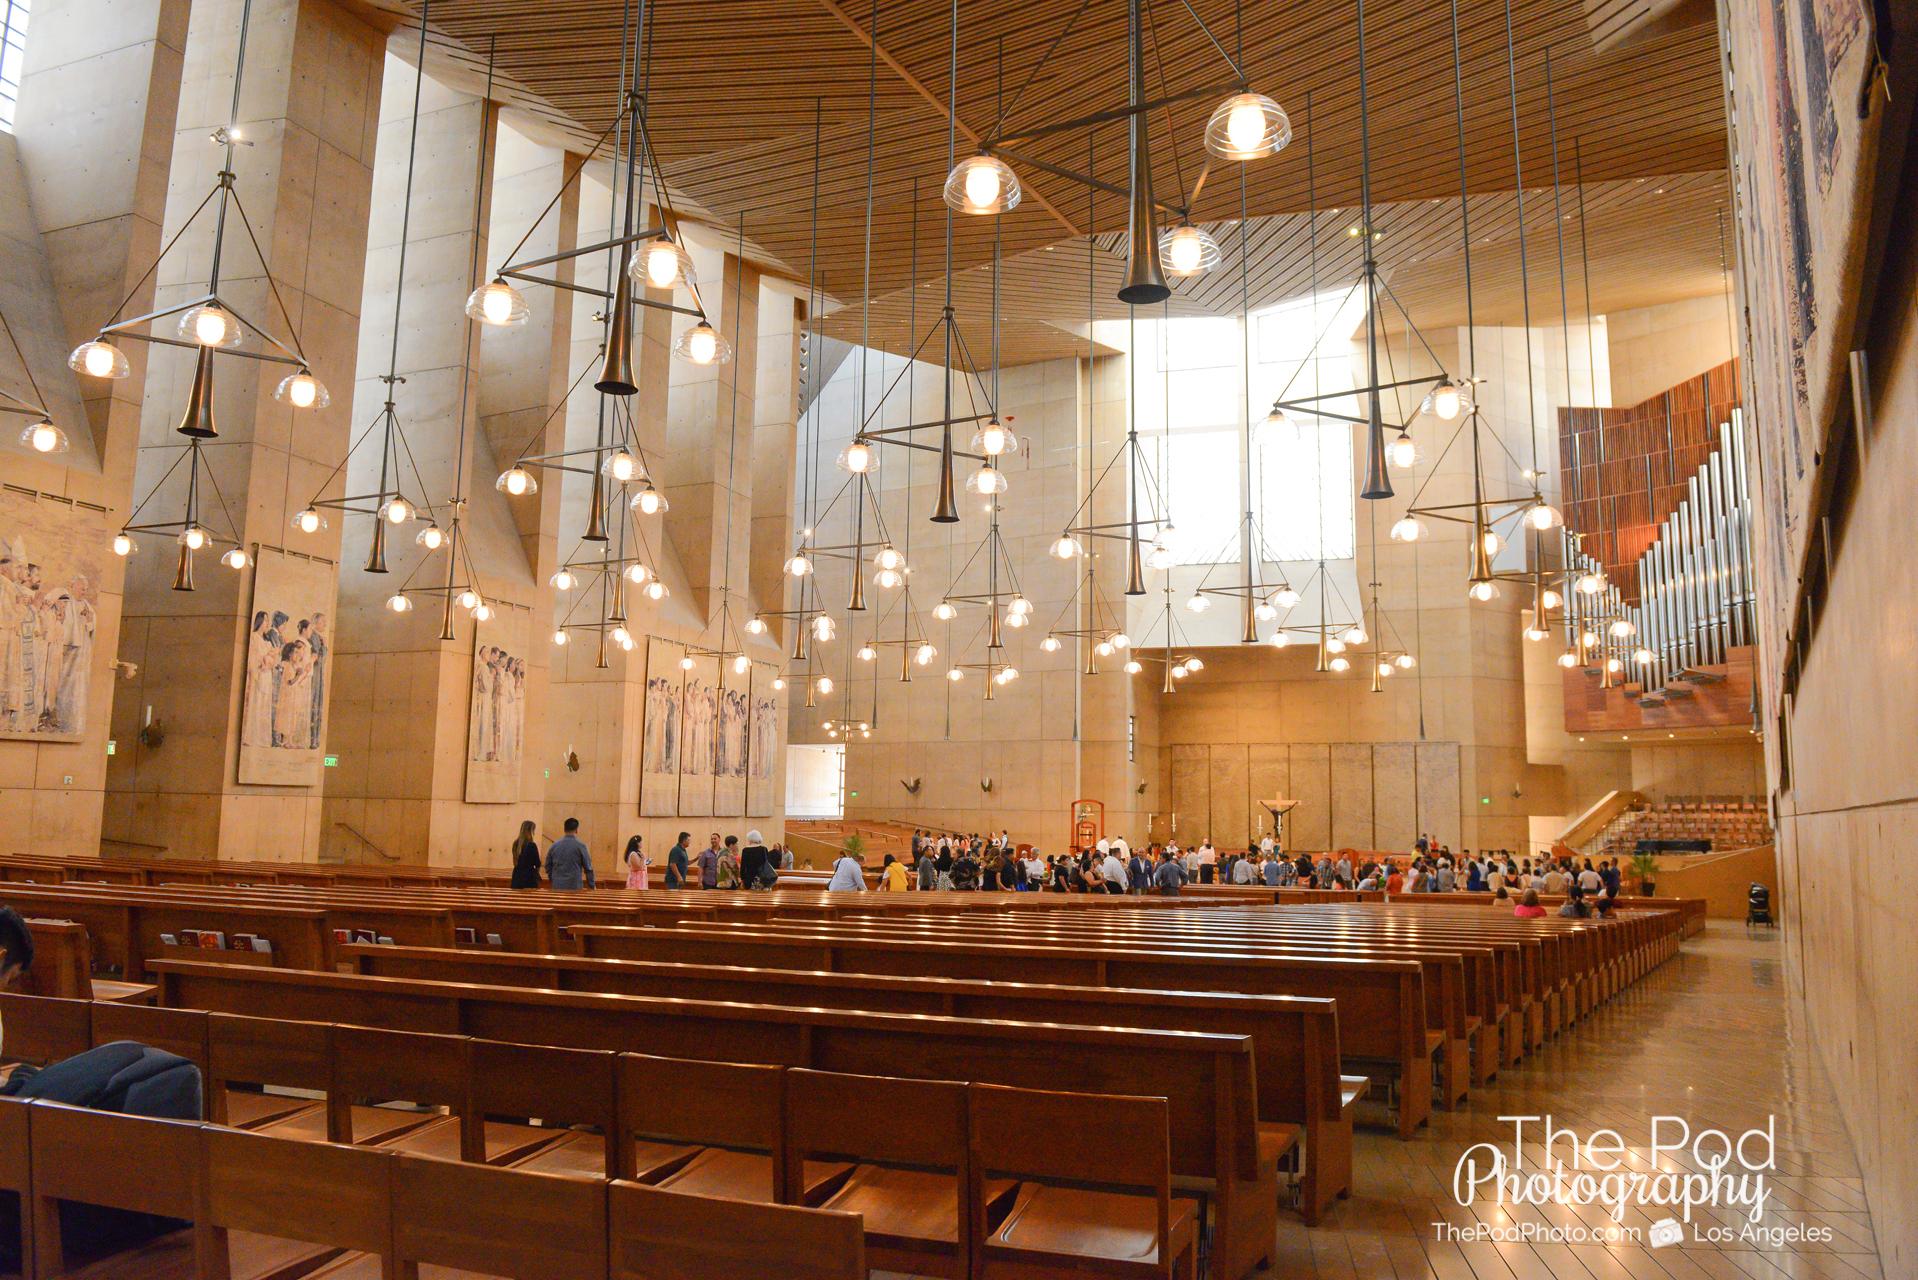 Interior-Photo-Contemporary-Architecture-Event ...